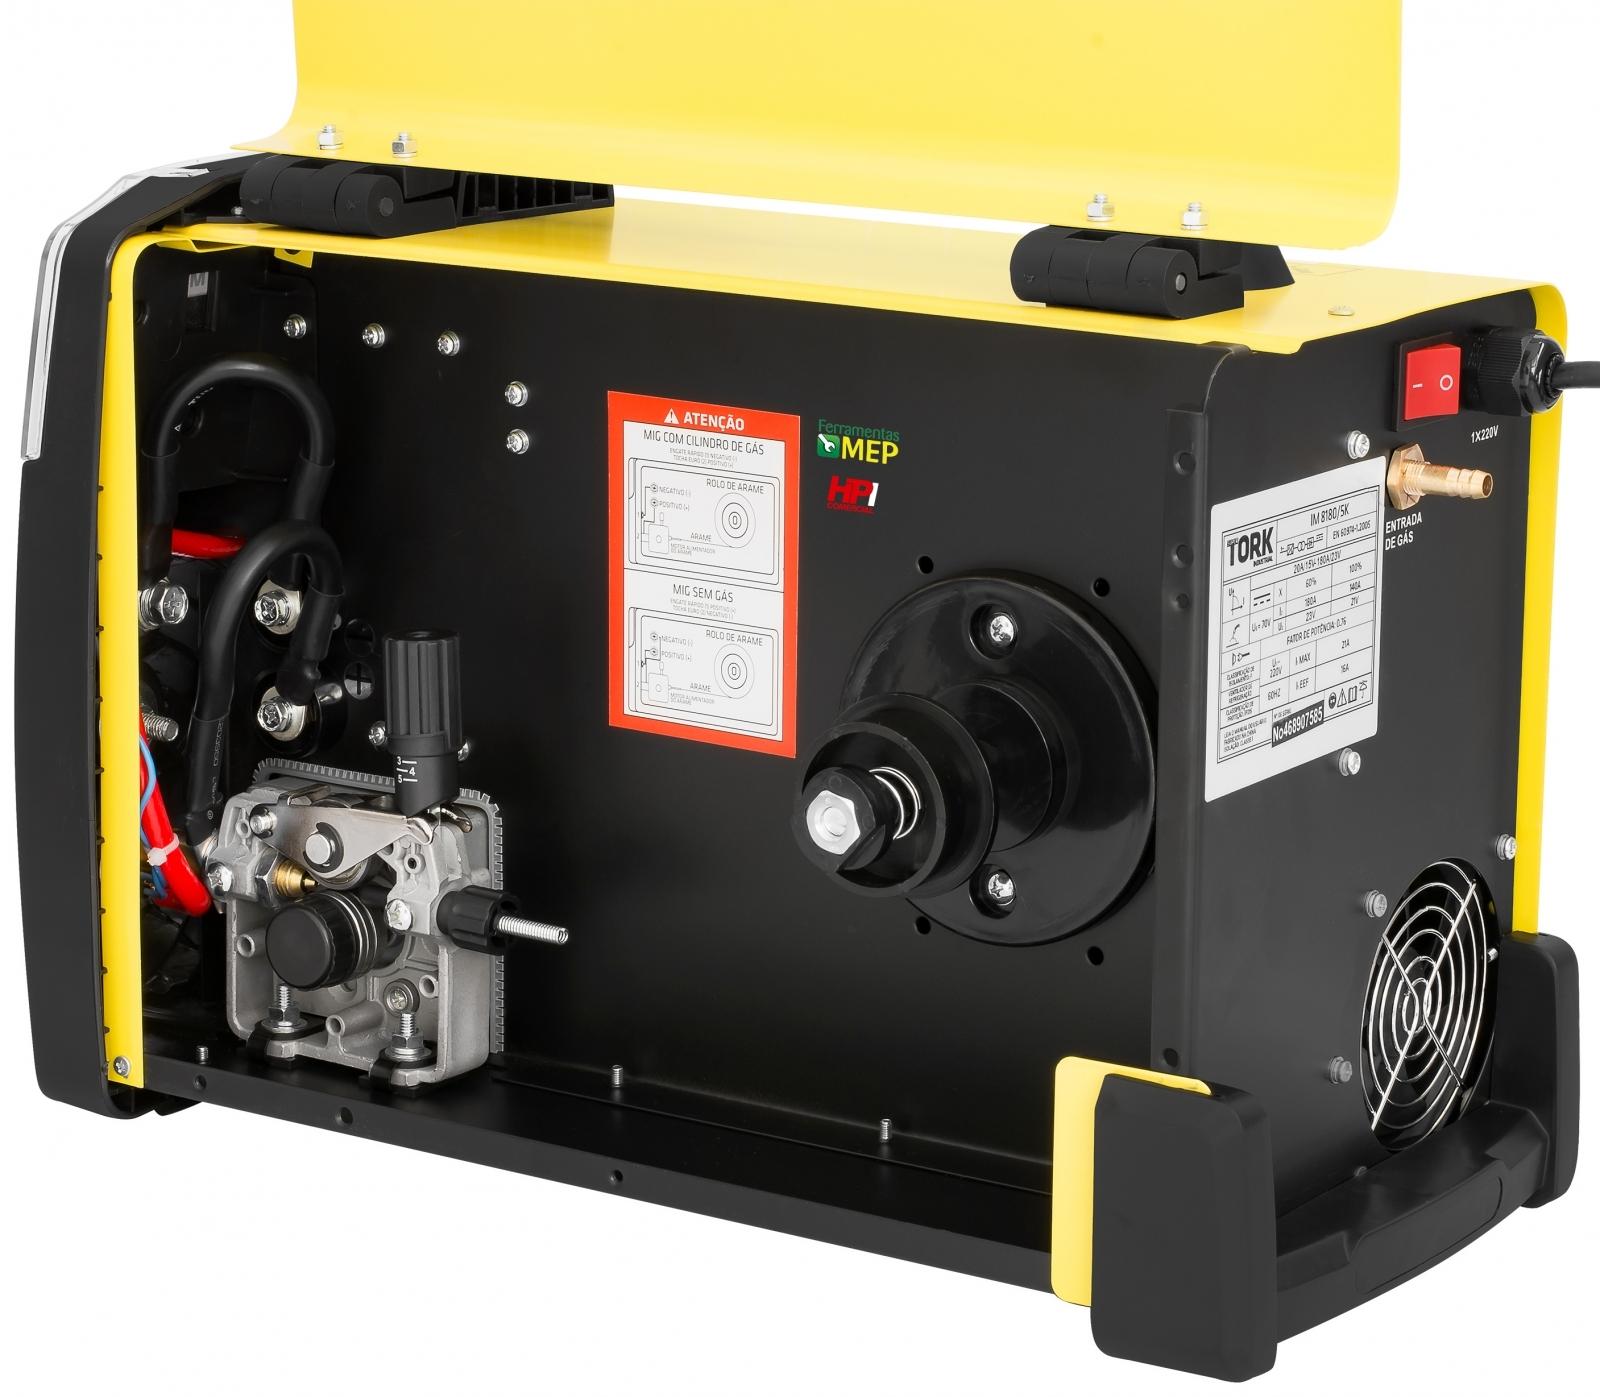 Máquina de Solda Mig Mag Tork 180 Inversora Completa Cilindro Reg Arame Mascara - Ferramentas MEP